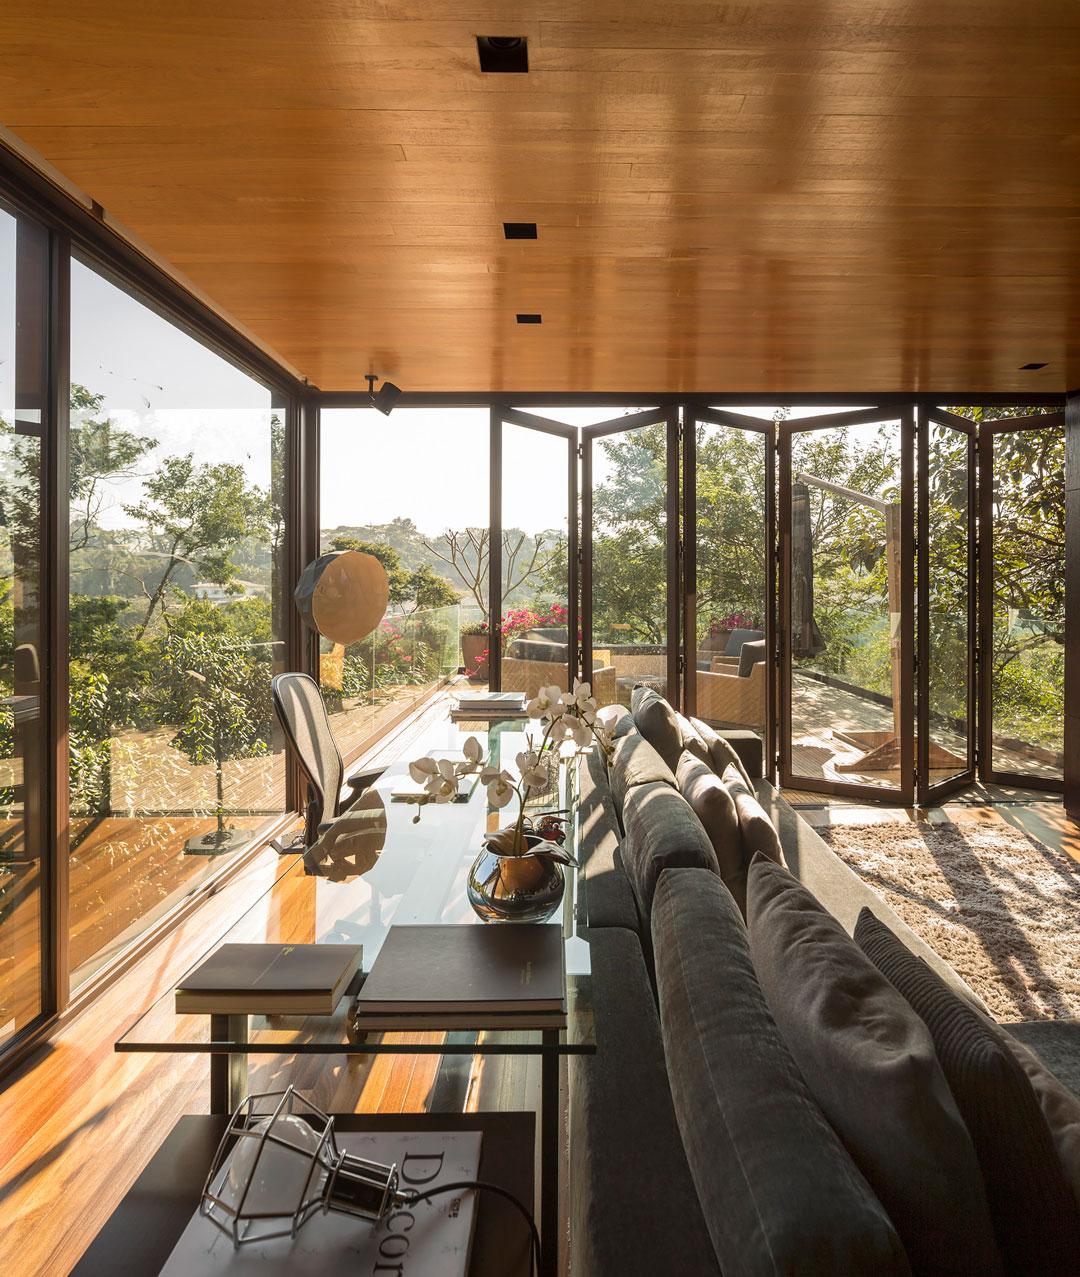 162-sao-paulo-brasil-casas-dos-sonhos-inspiracao-um-cafe-pra-dois